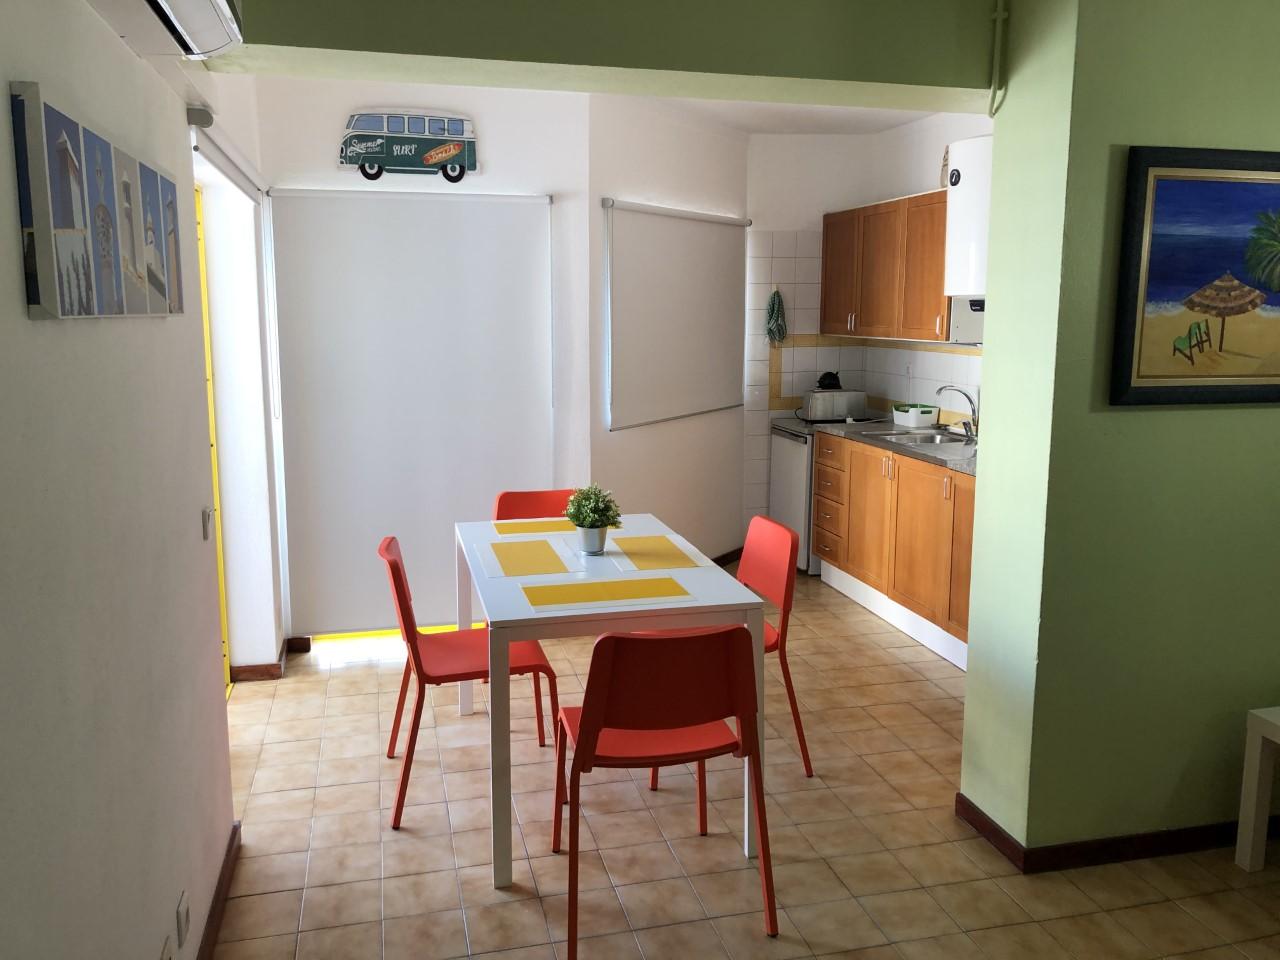 Holiday apartments and villas for rent, T1 na Praia da Rocha para férias in Portimão, Portugal Algarve, REF_IMG_14431_14442